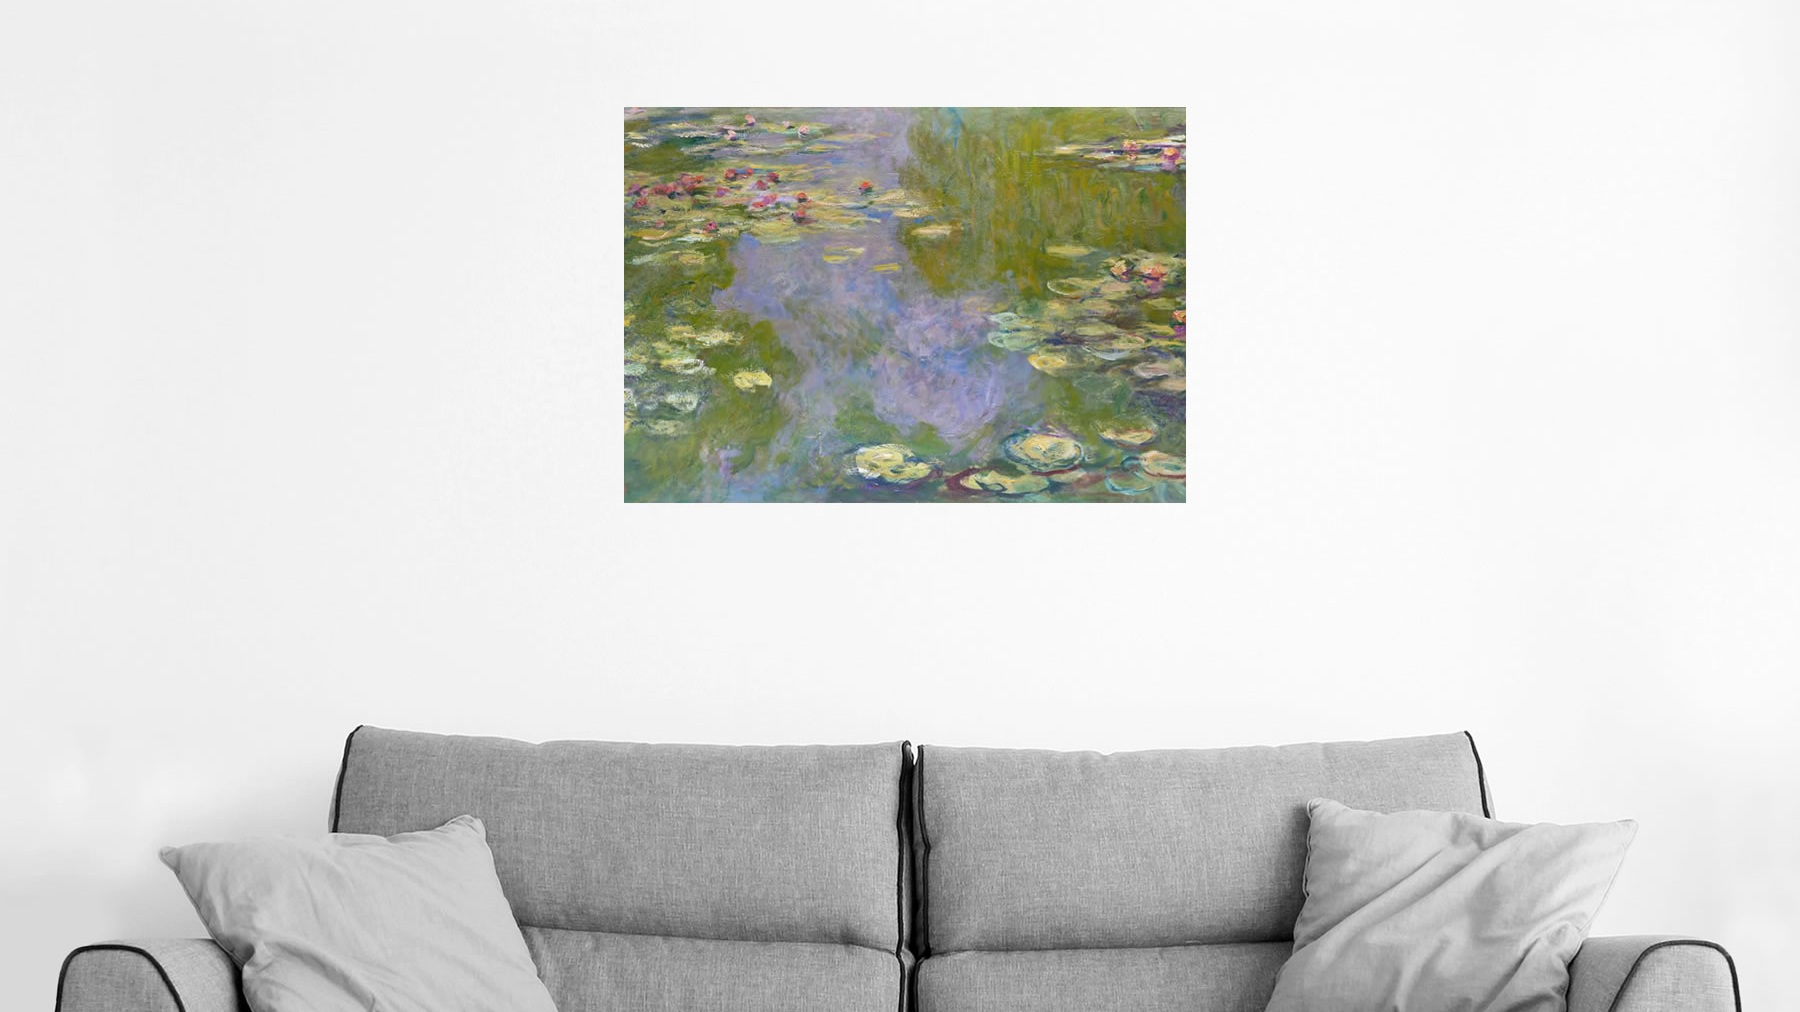 waterlilies_17x24-poster.jpg